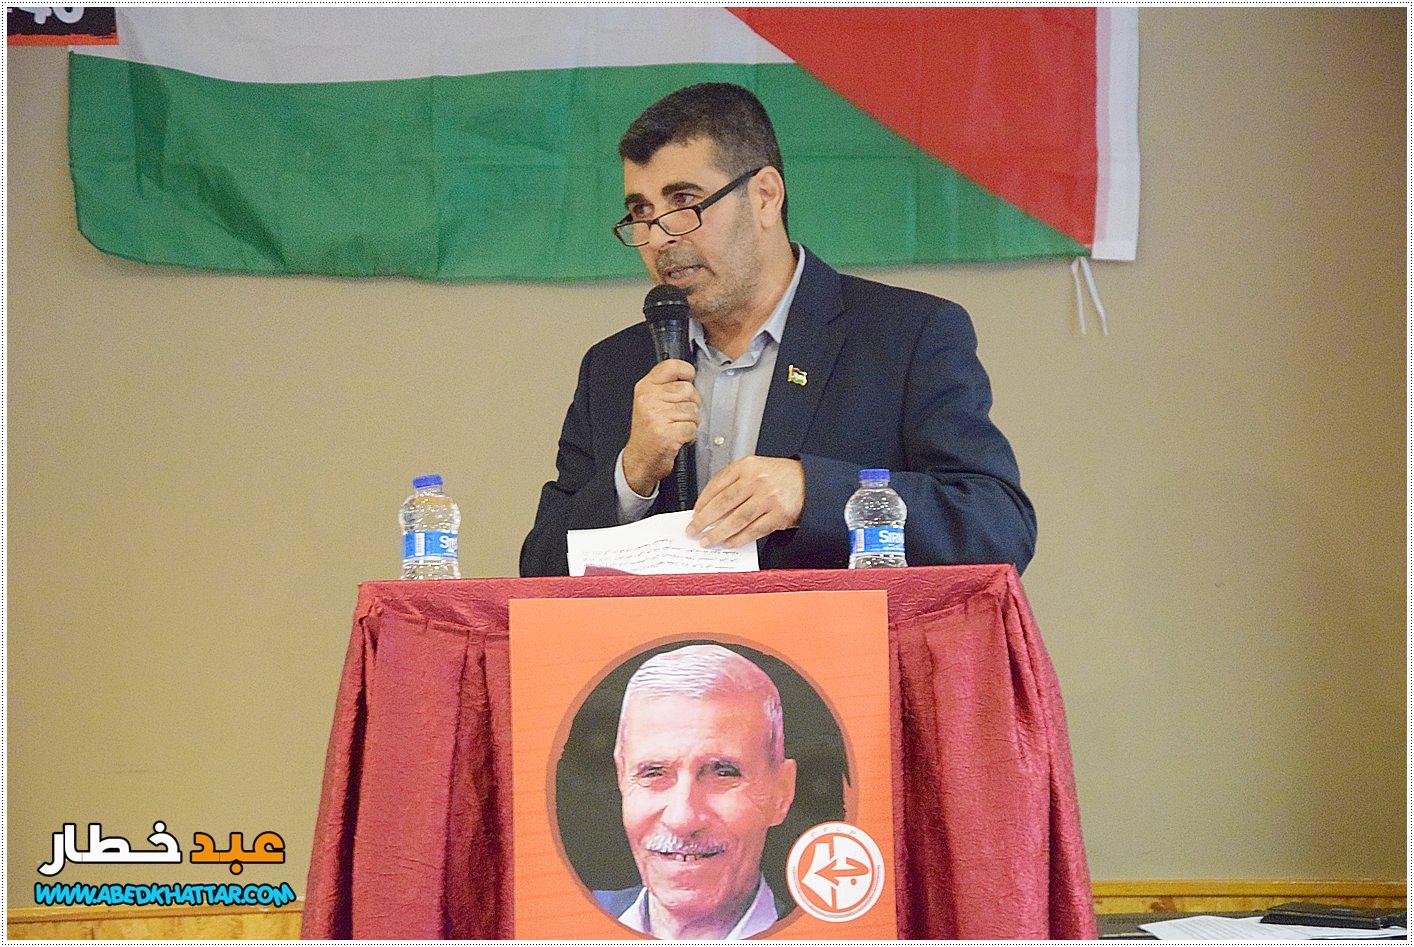 كلمة التجمع الفلسطيني - الاخ تيسير خلف ابو اشرف